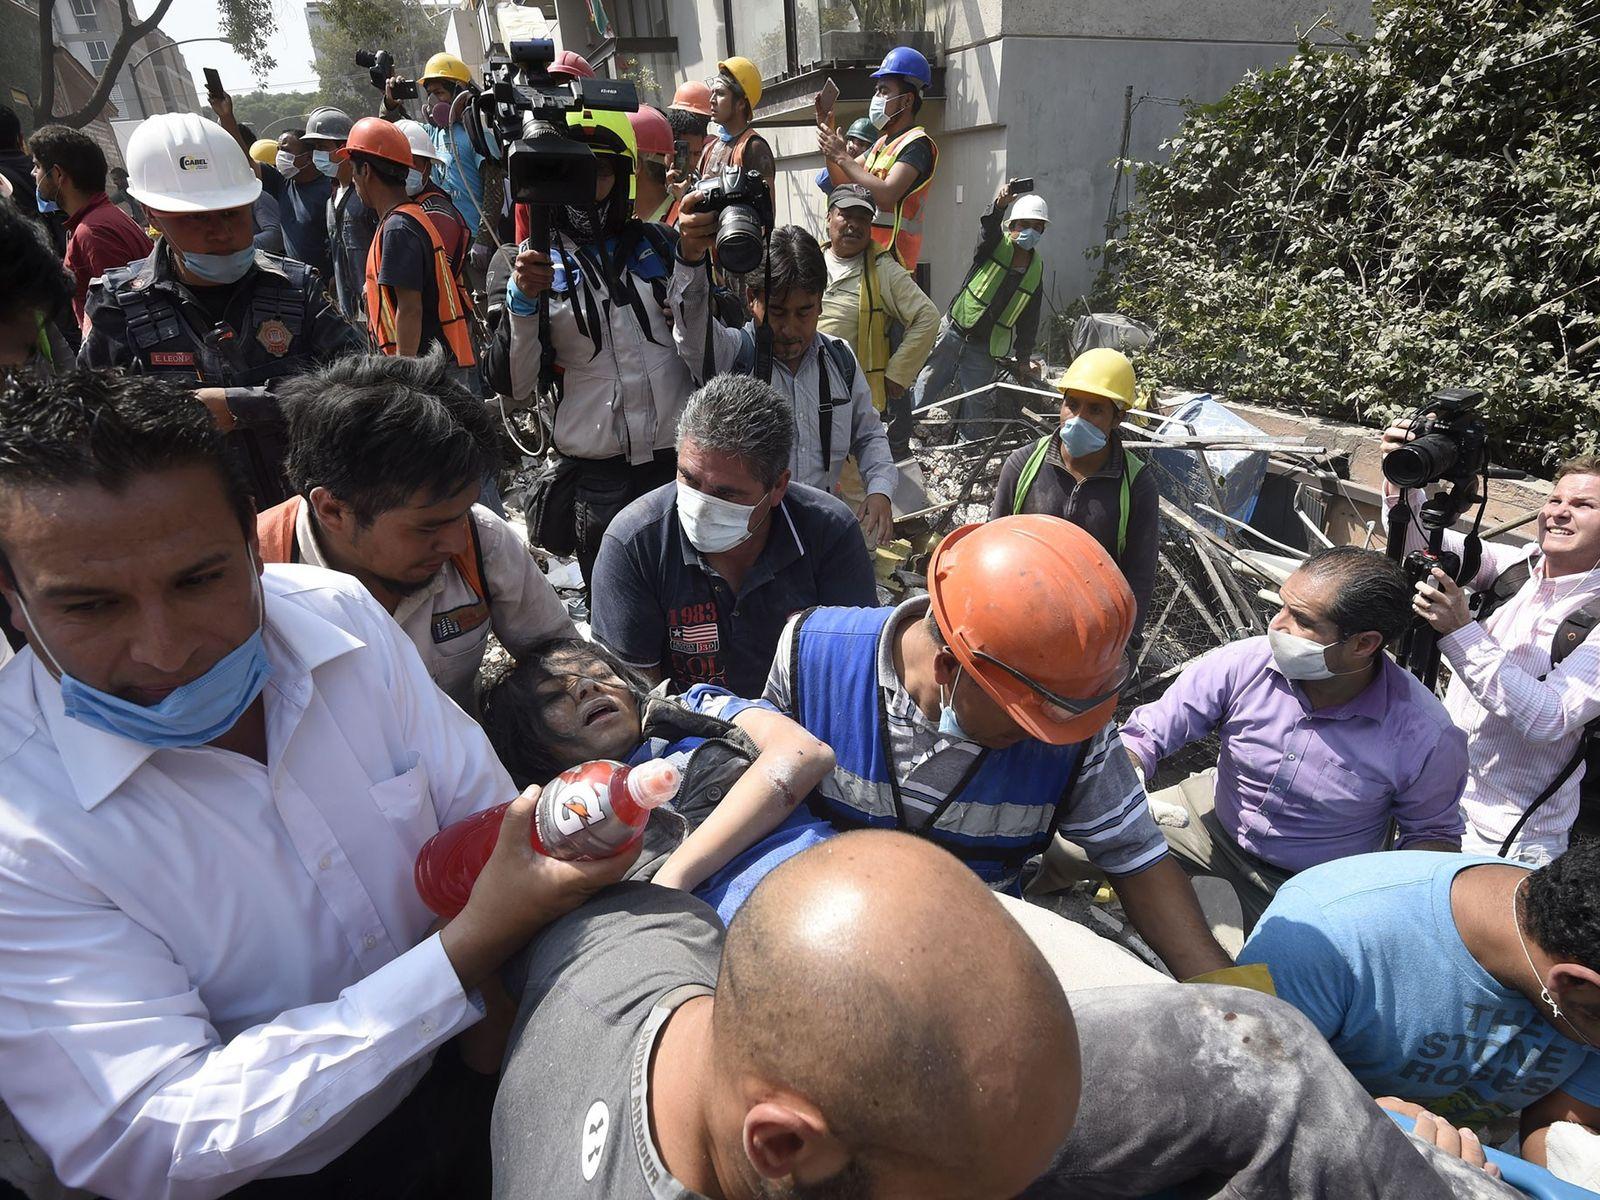 Eine Frau, die nach dem Erdbeben aus den Trümmern gezogen wurde, wird weggetragen.